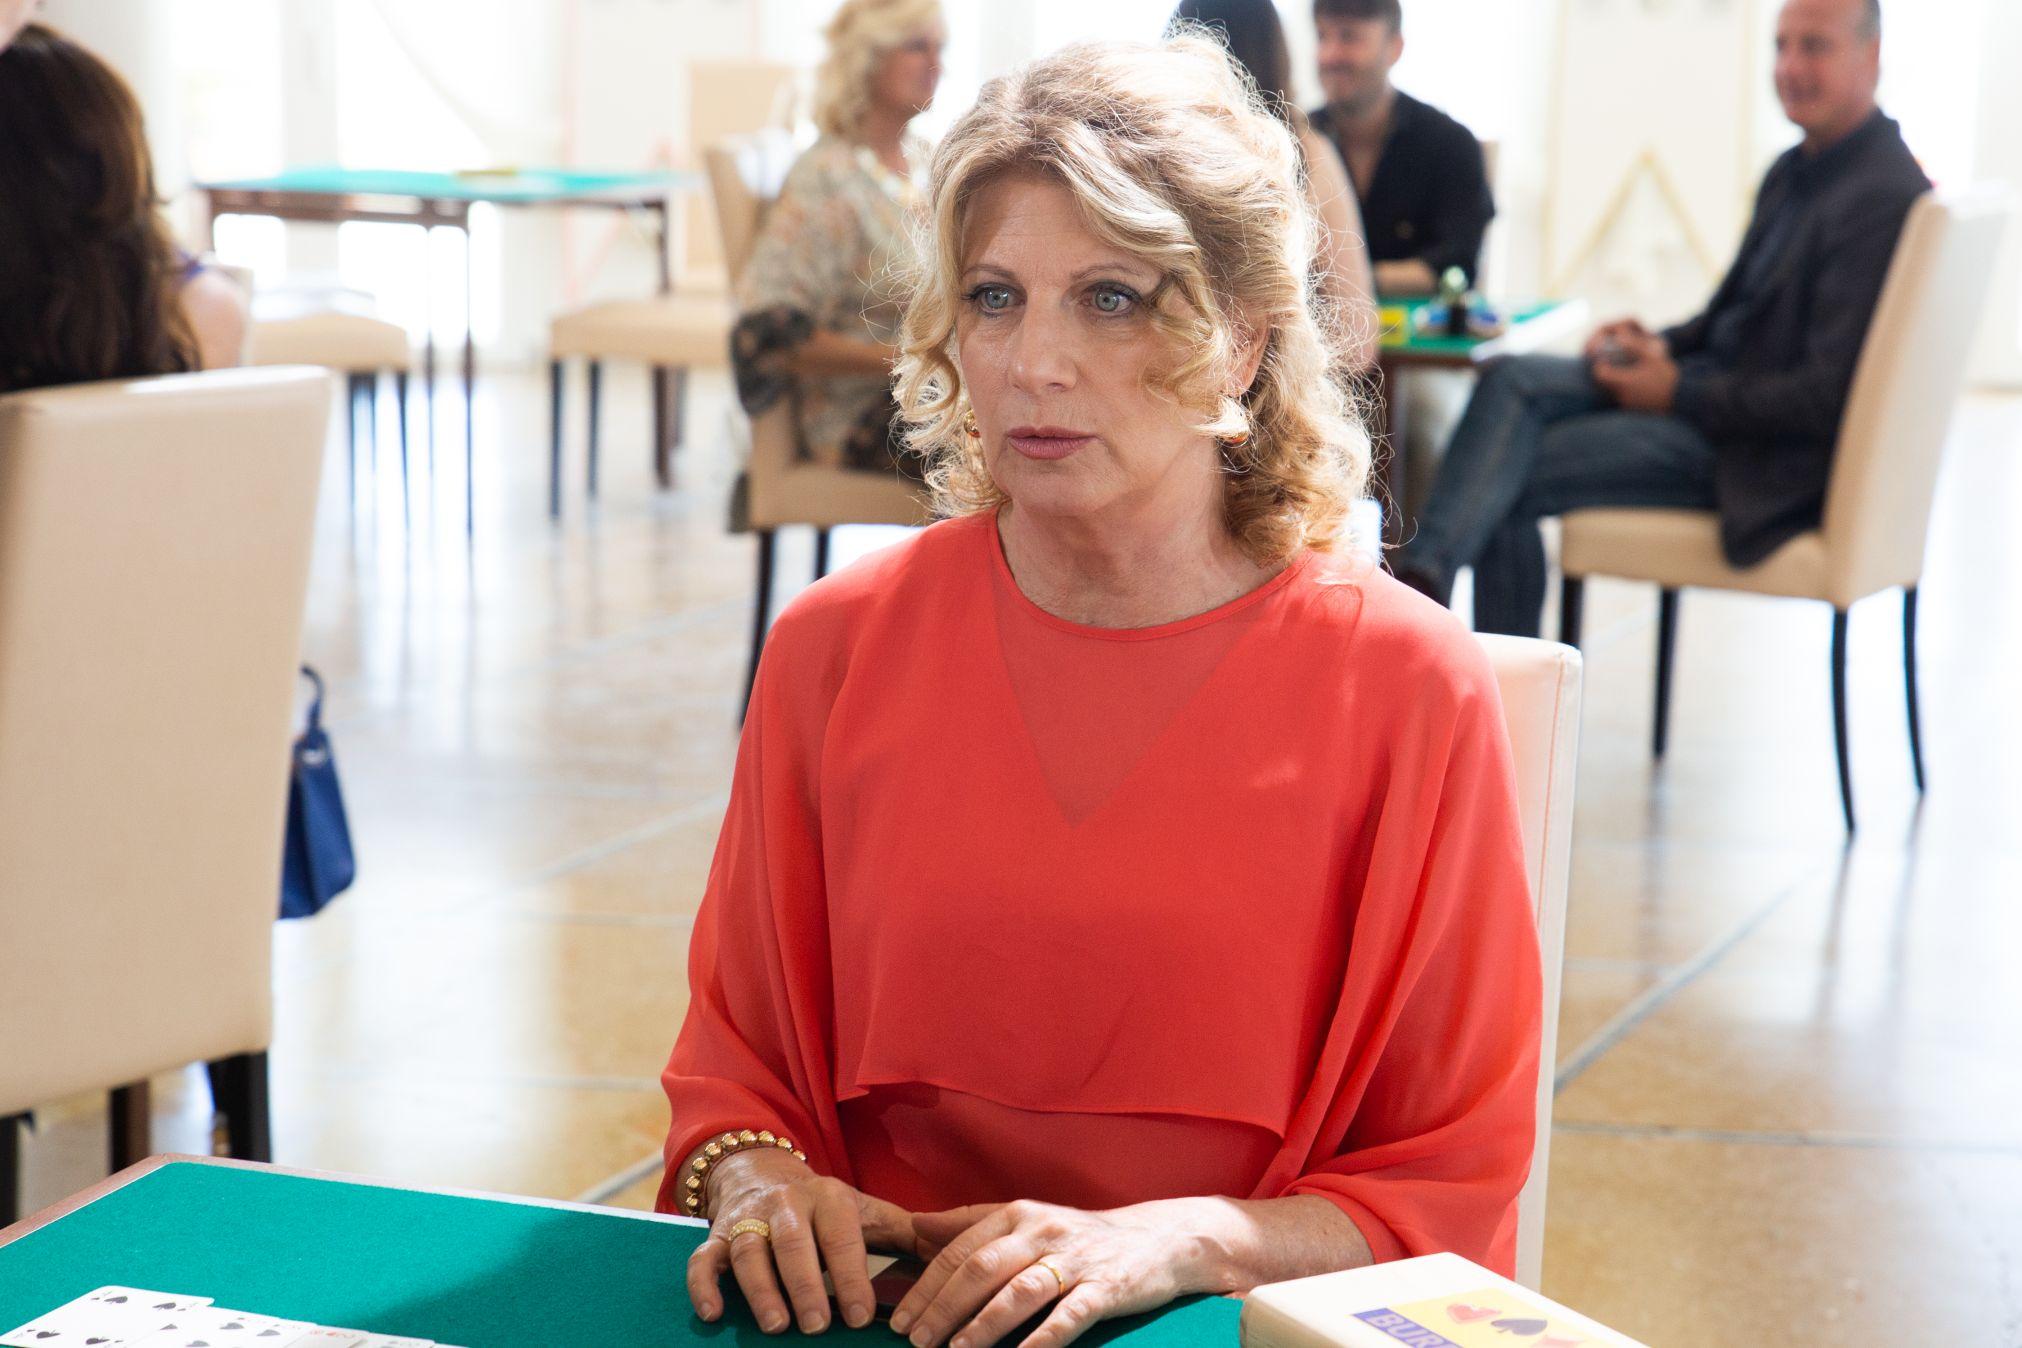 Burraco Fatale: una scena del film con Angela Finocchiaro